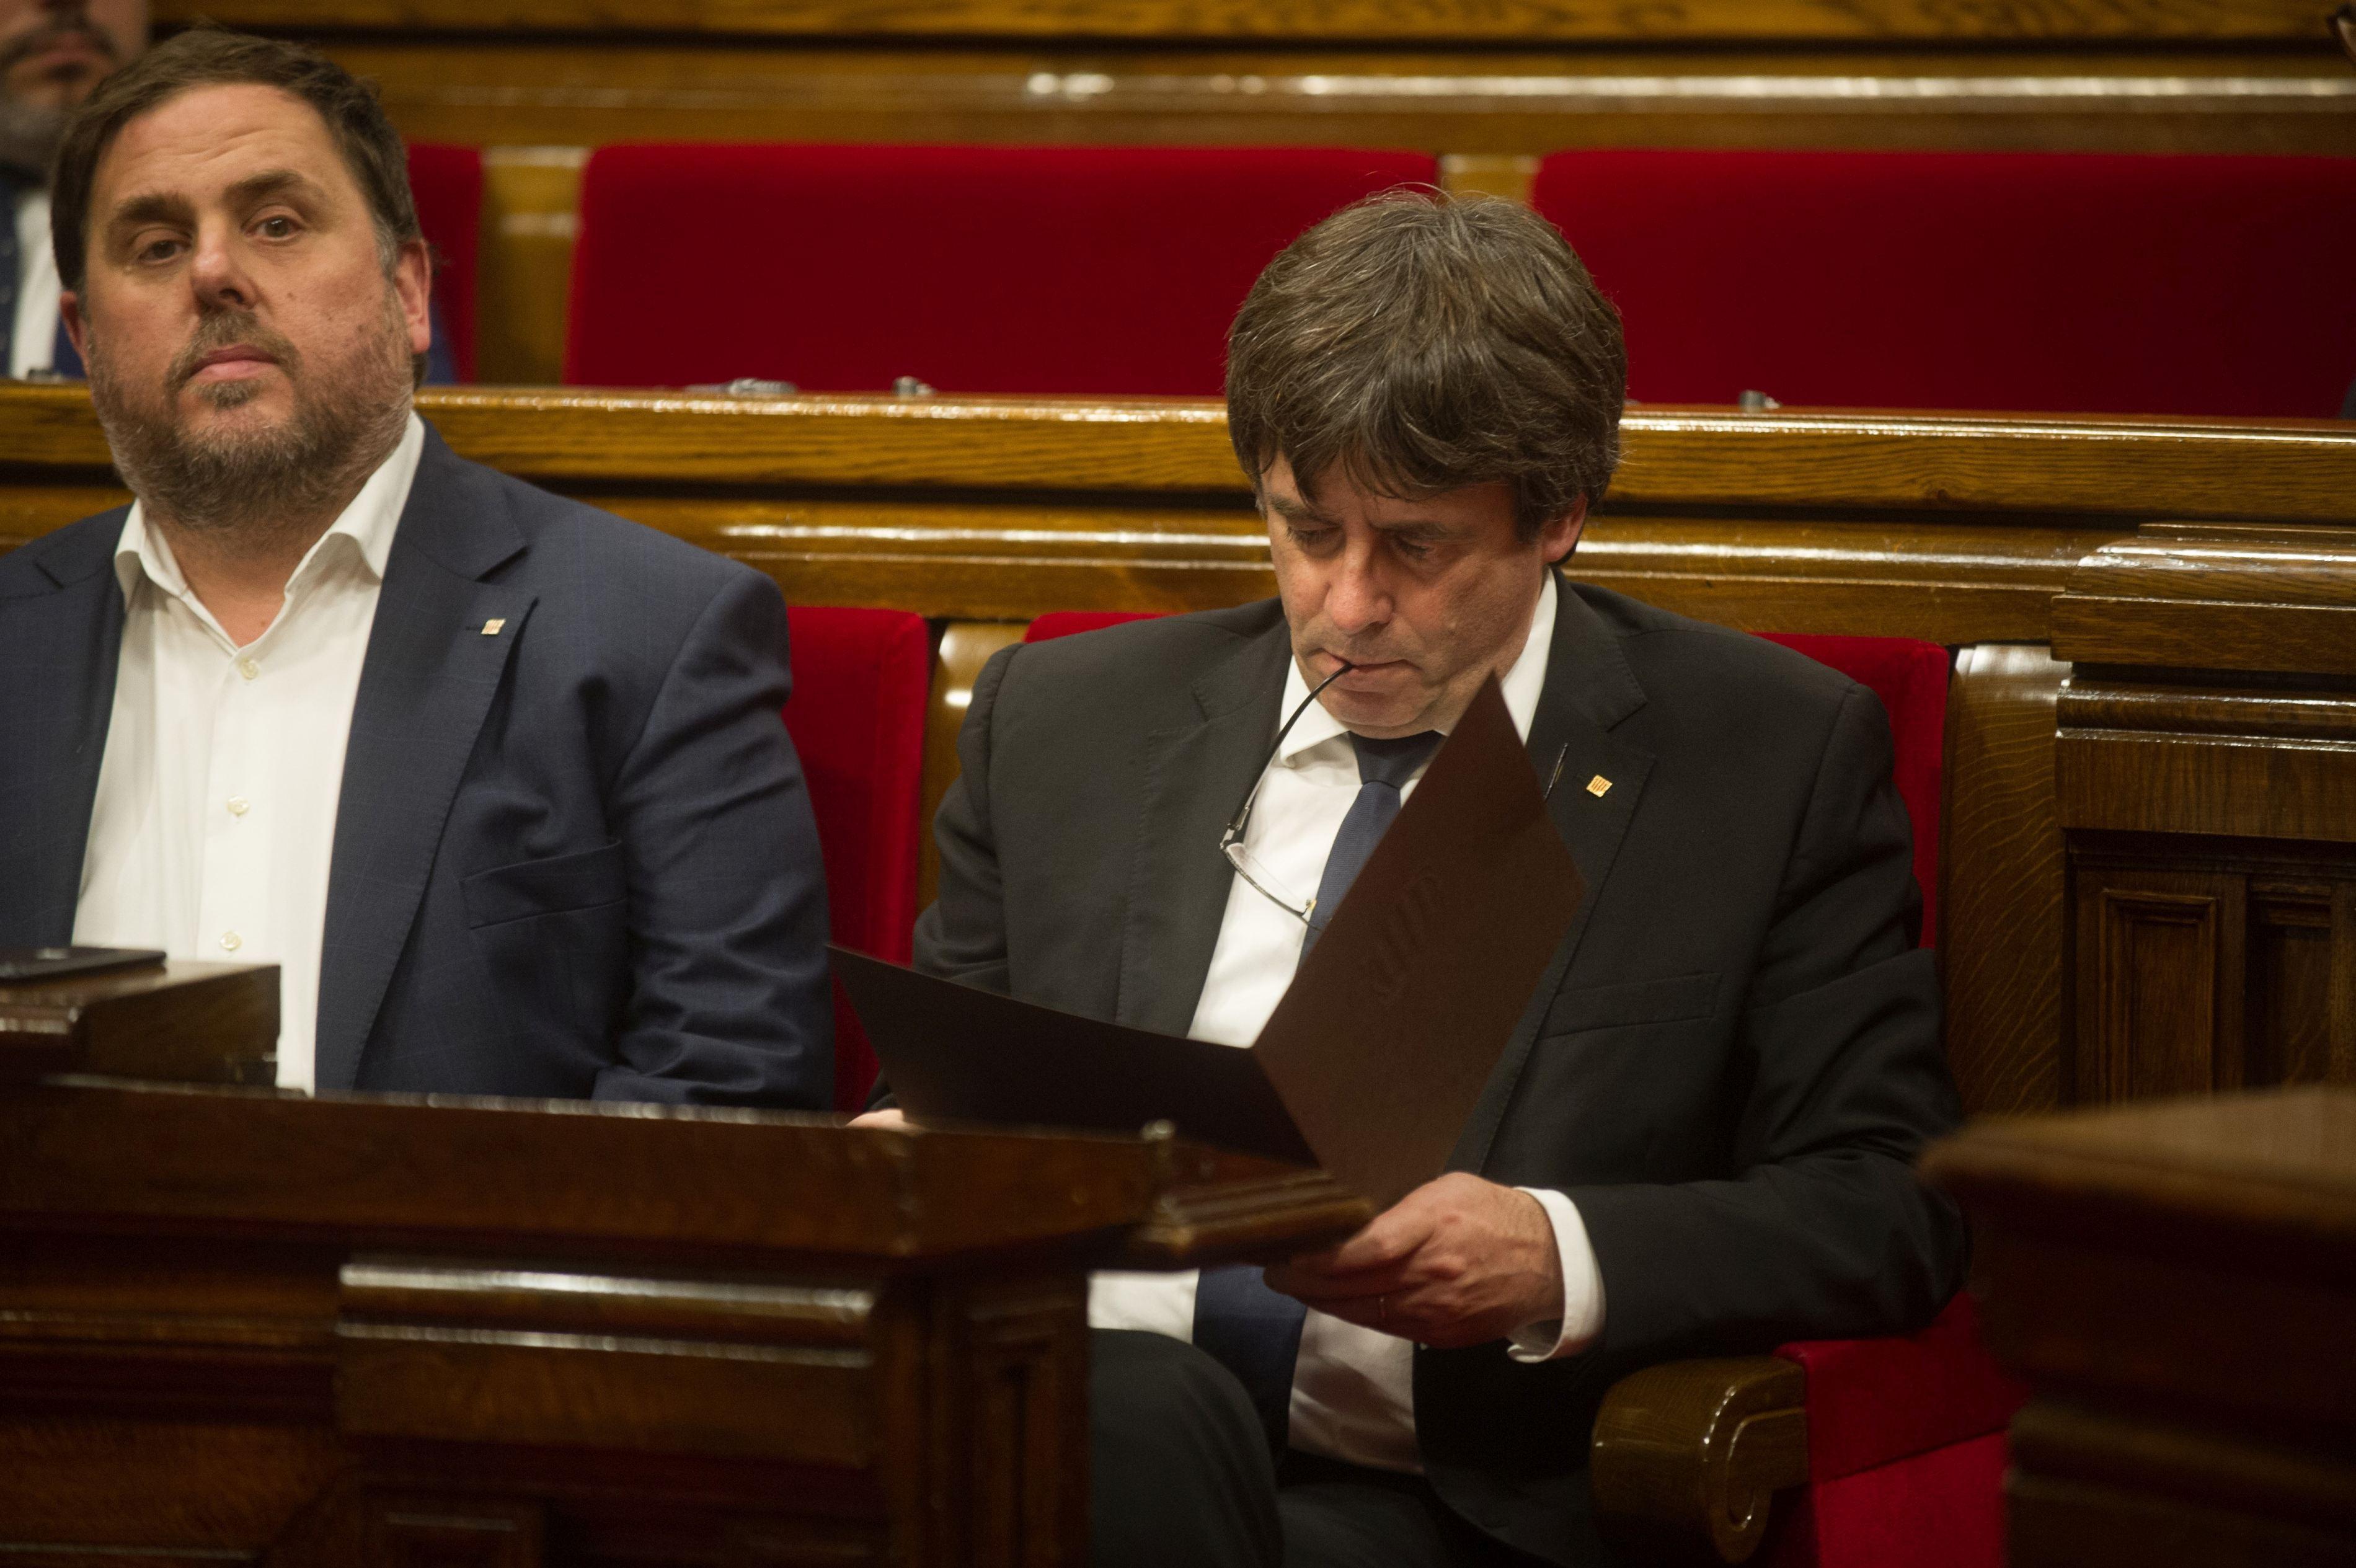 Carles Puigdemont şi-a anulat discursul în care voia să anunţe organizarea de alegeri anticipate: Am luat în calcul alegerile anticipate, dar nu am primit garanţii de la Madrid